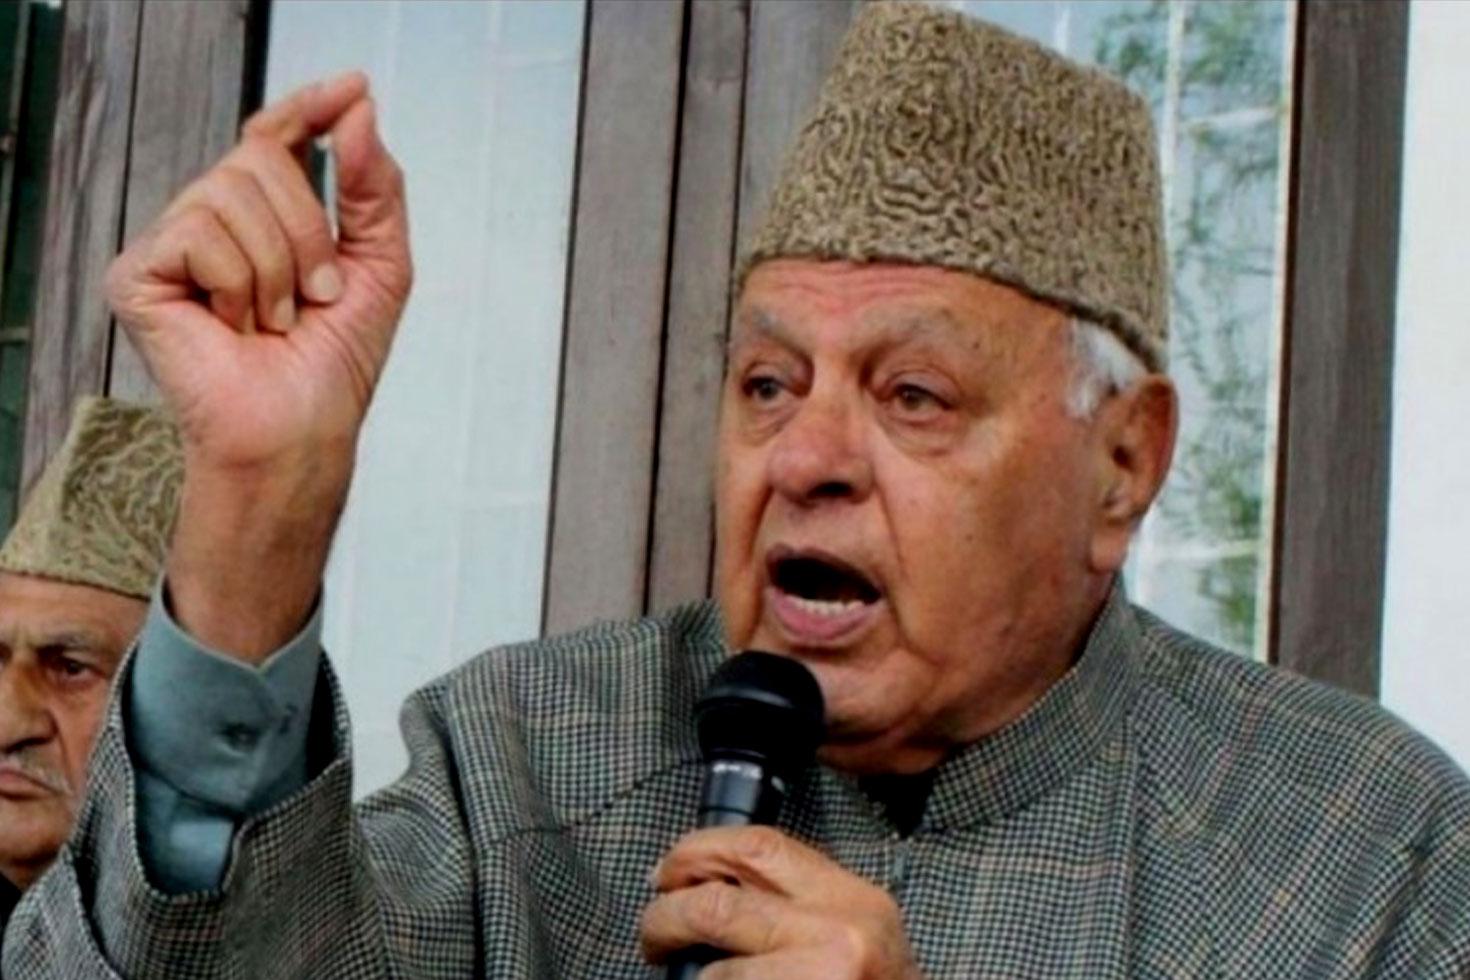 বেসামরিক হত্যায় কাশ্মীরি জড়িত নয়: ফারুক আব্দুল্লাহ